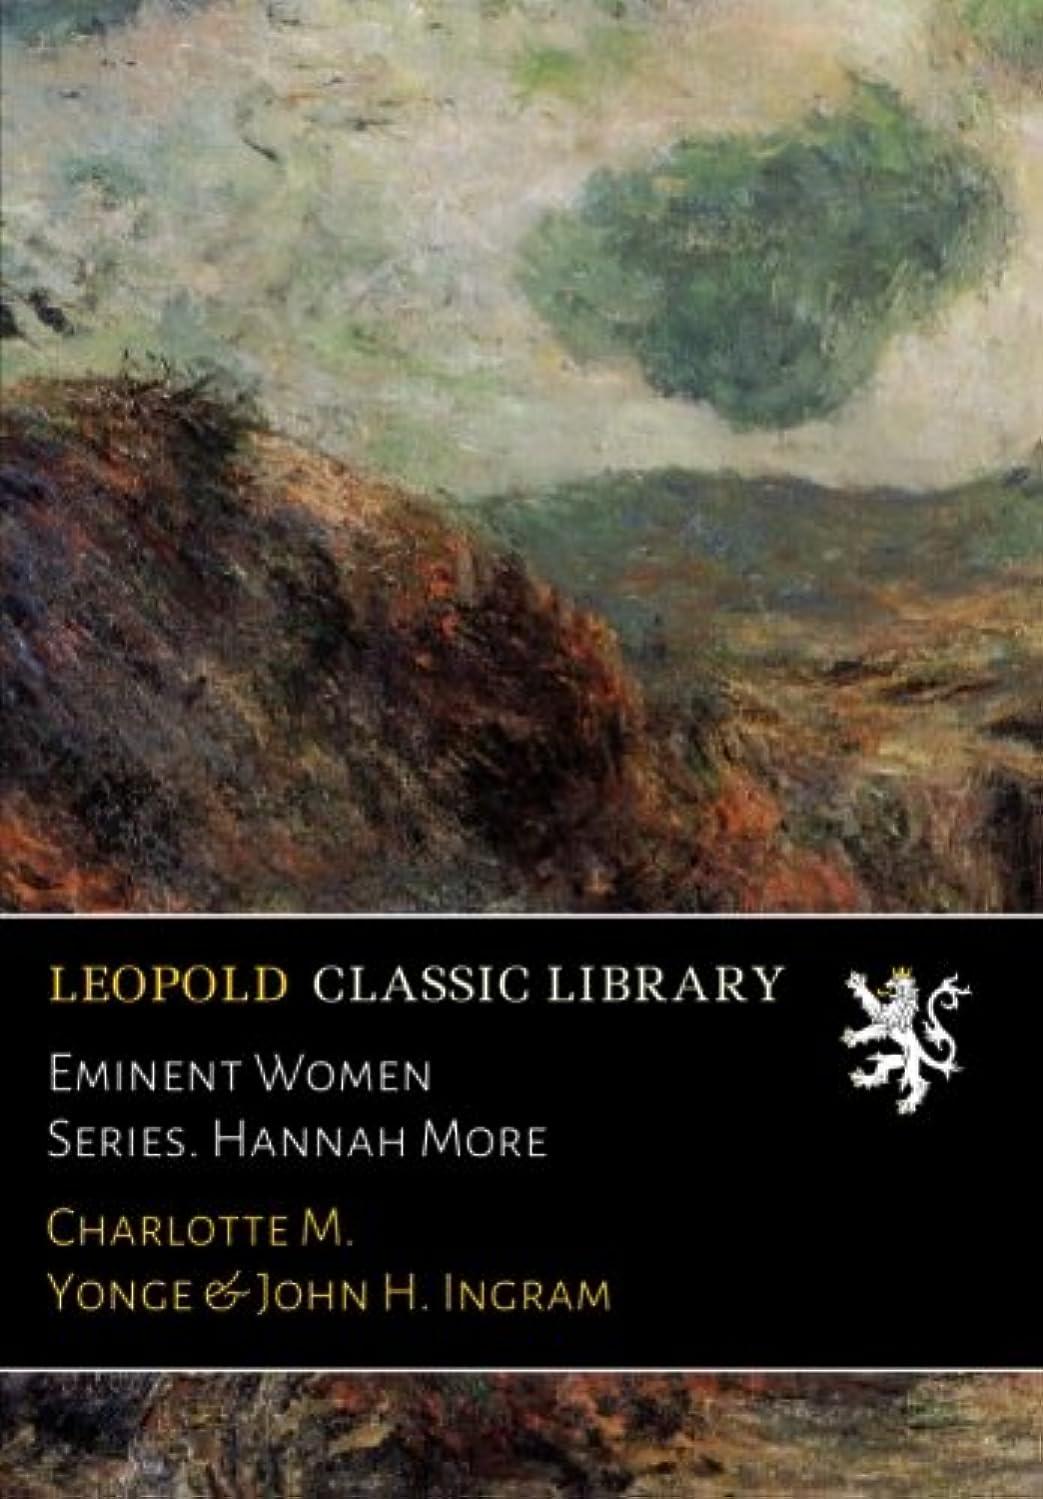 花輪発生する補助Eminent Women Series. Hannah More